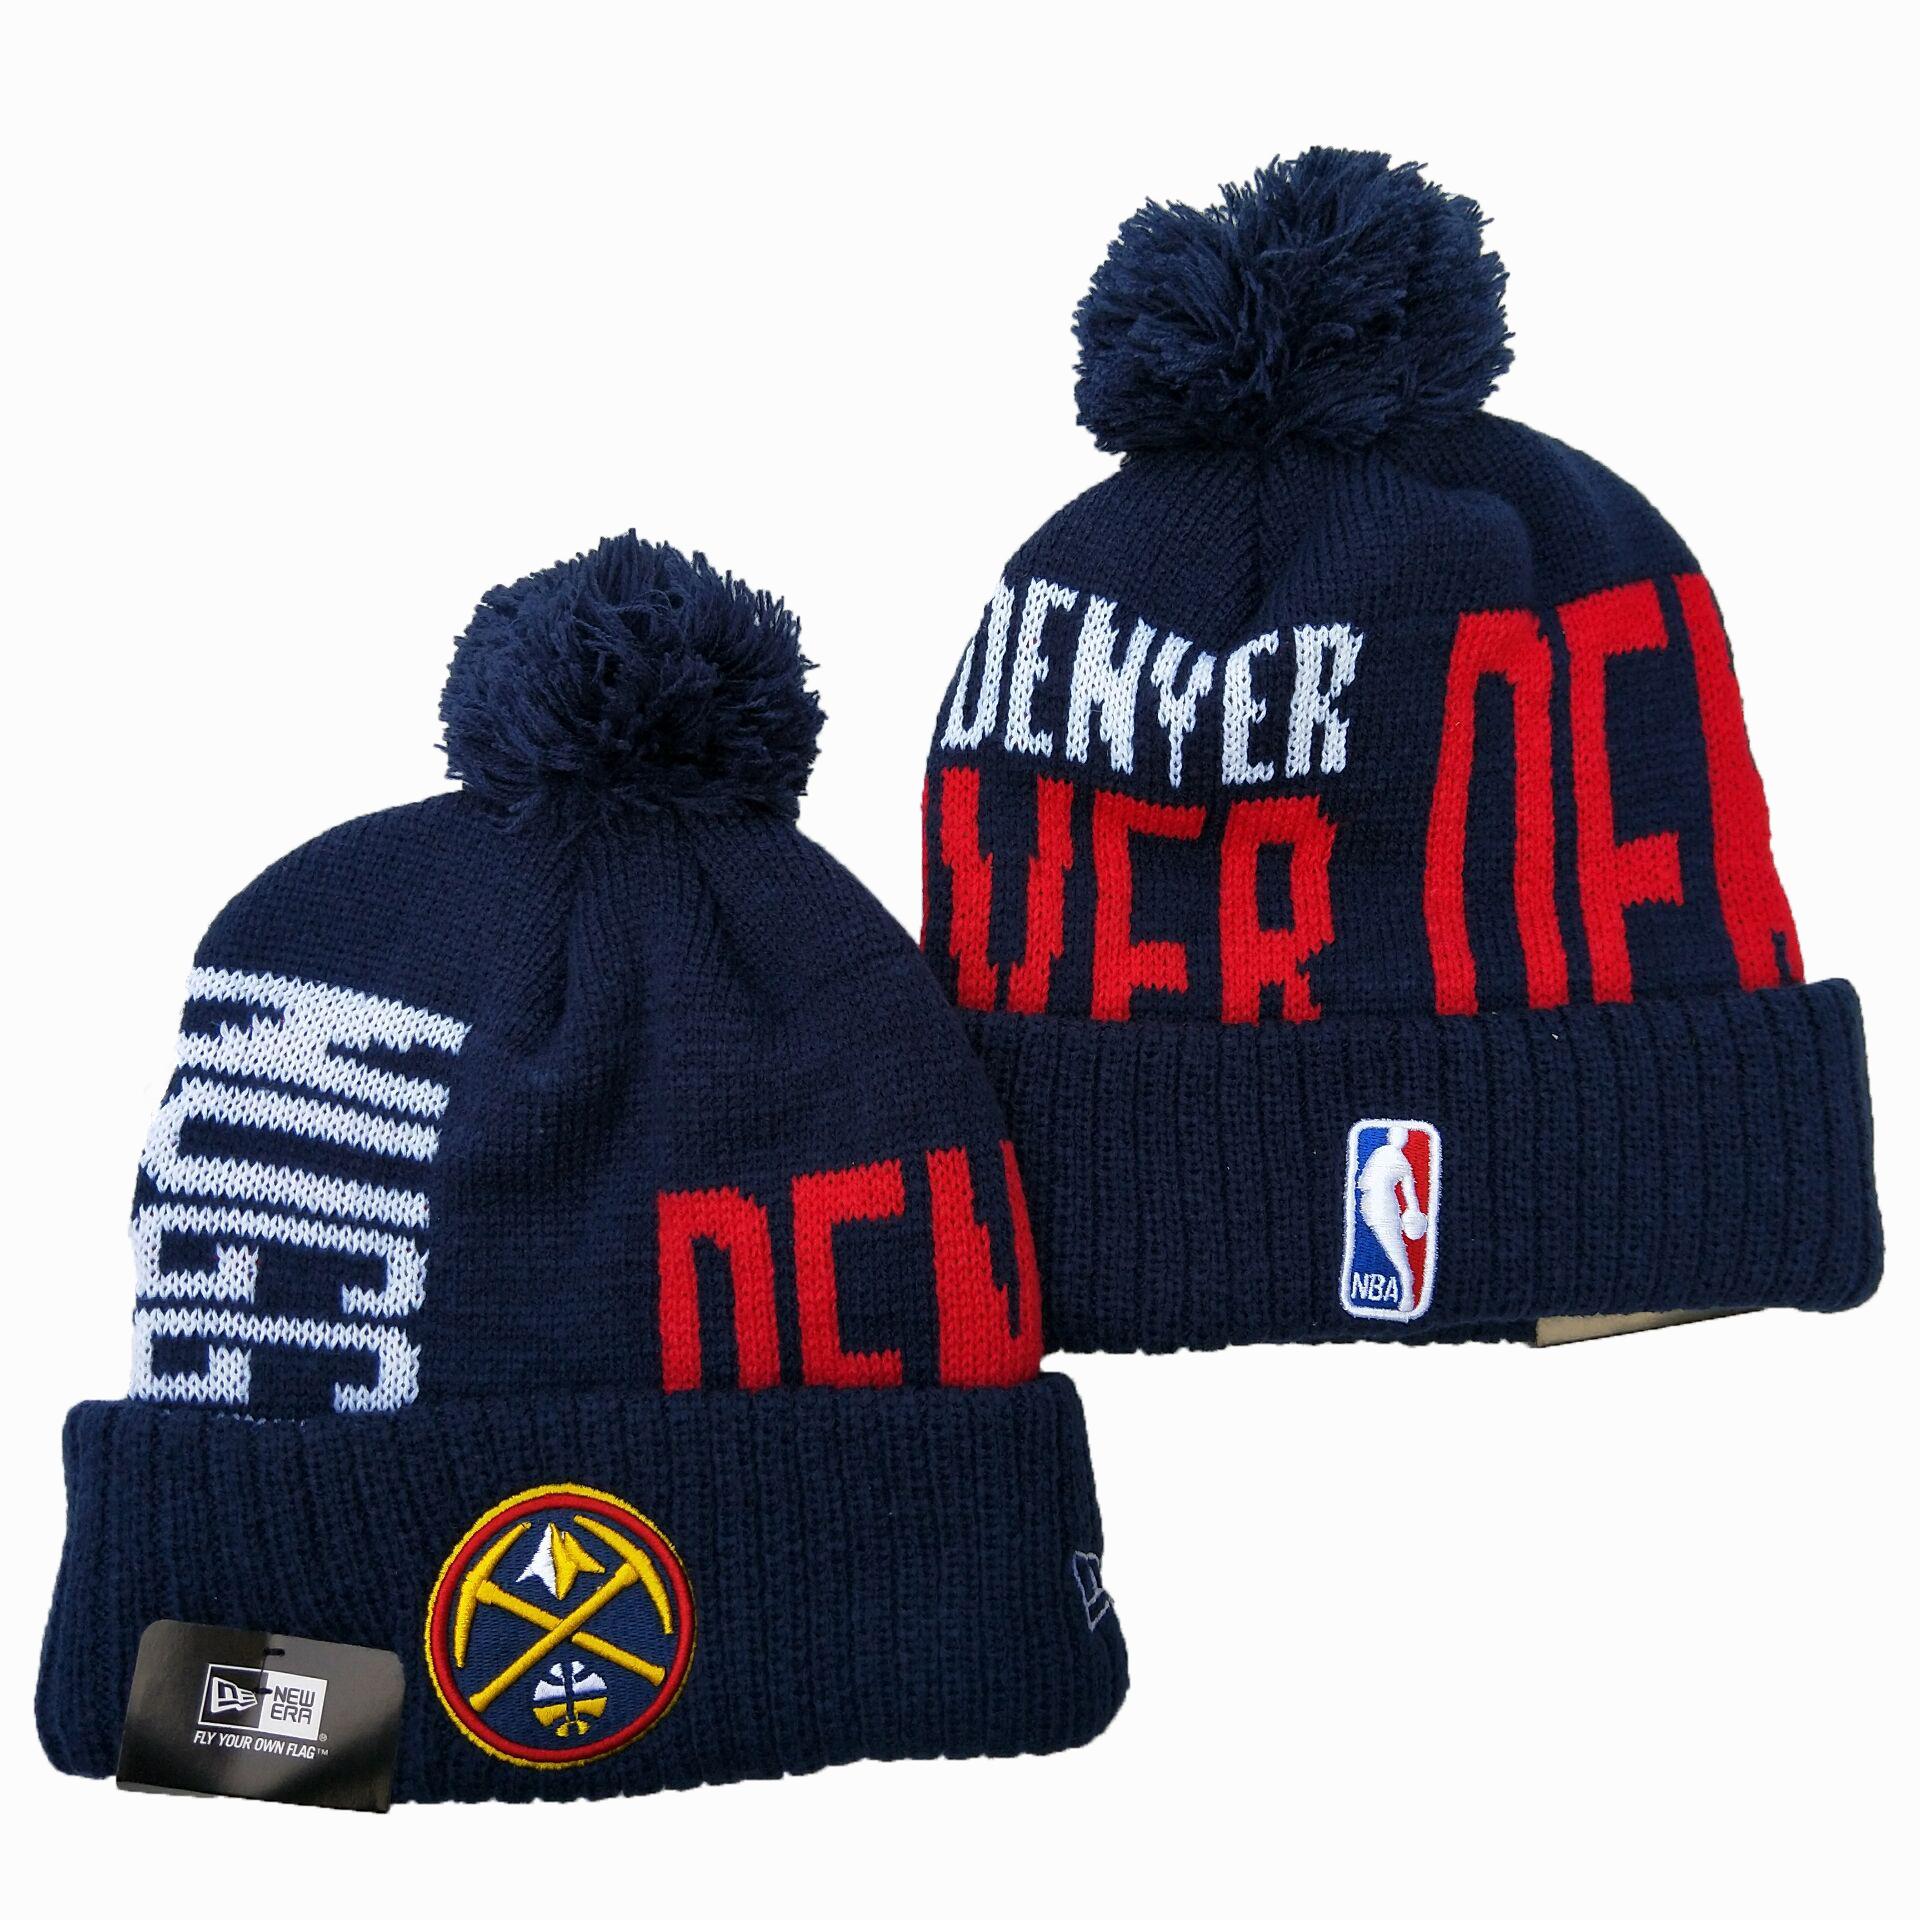 Nuggets Team Logo Navy Wordmark Cuffed Pom Knit Hat YD